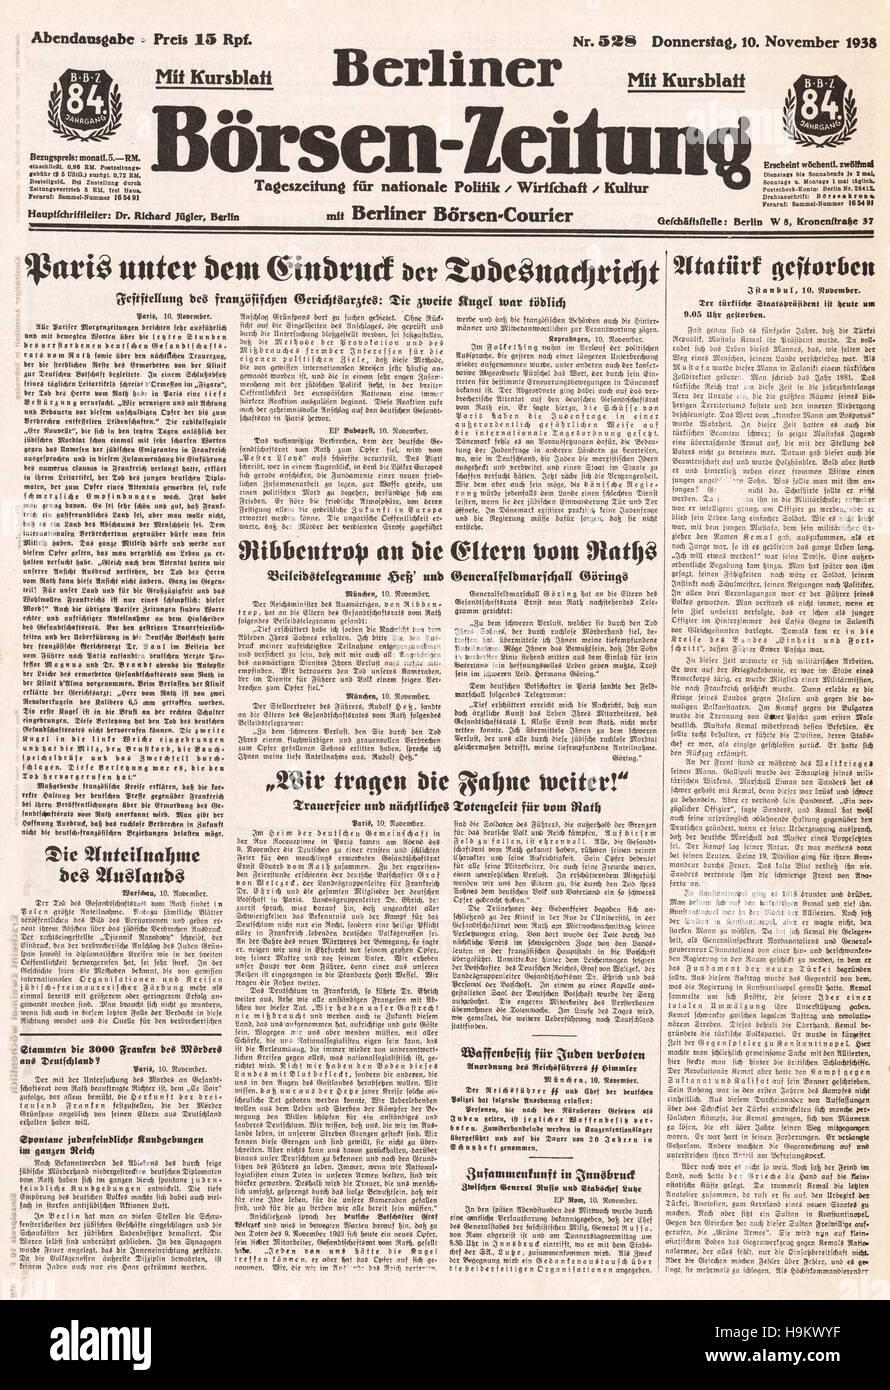 Boersen Zeitung